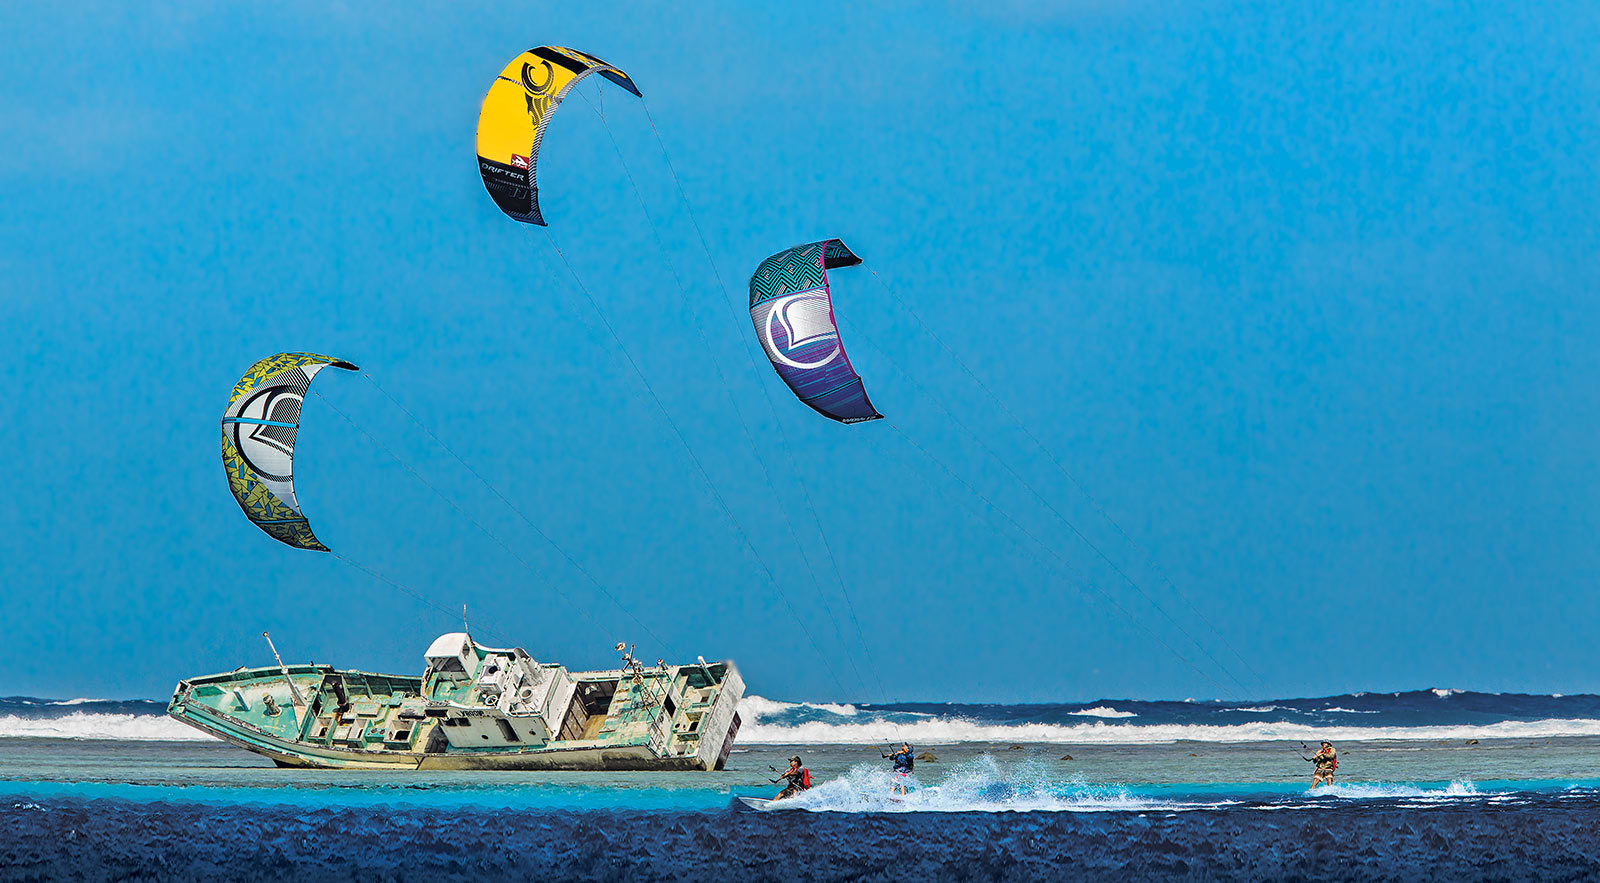 Pohnpei shipwreak photo: Scott Soens